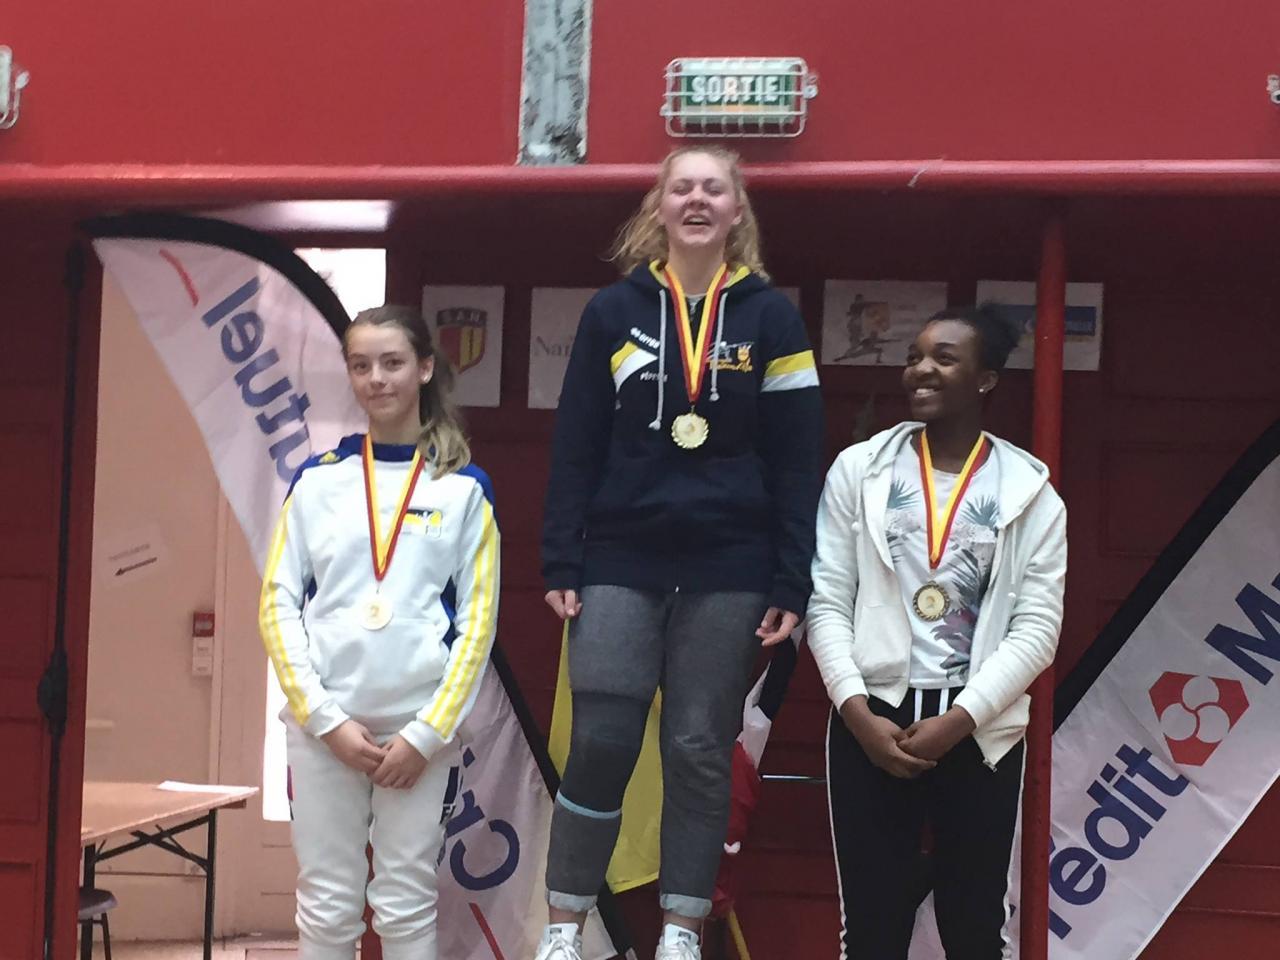 Le podium - cadettes (Aurélie 1ère - Lorina 3ème)